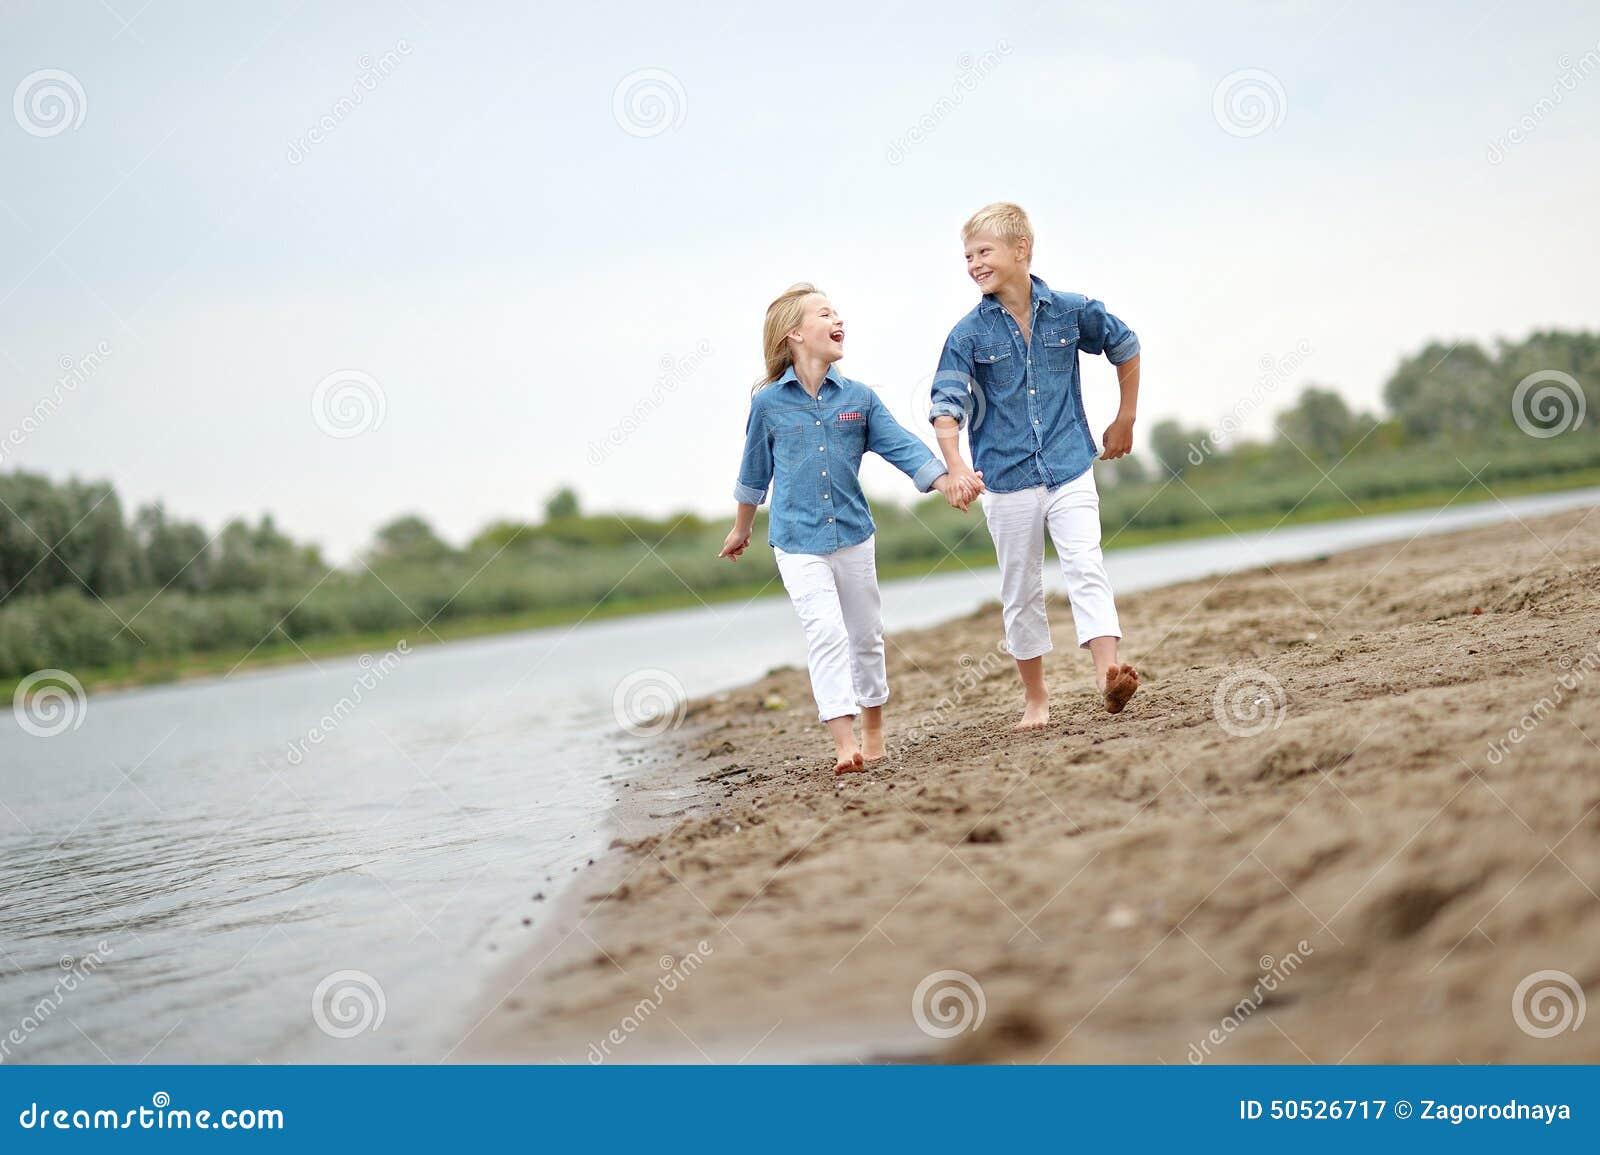 Ritratto di un ragazzo e di una ragazza sulla spiaggia - Colorazione immagine di una ragazza ...